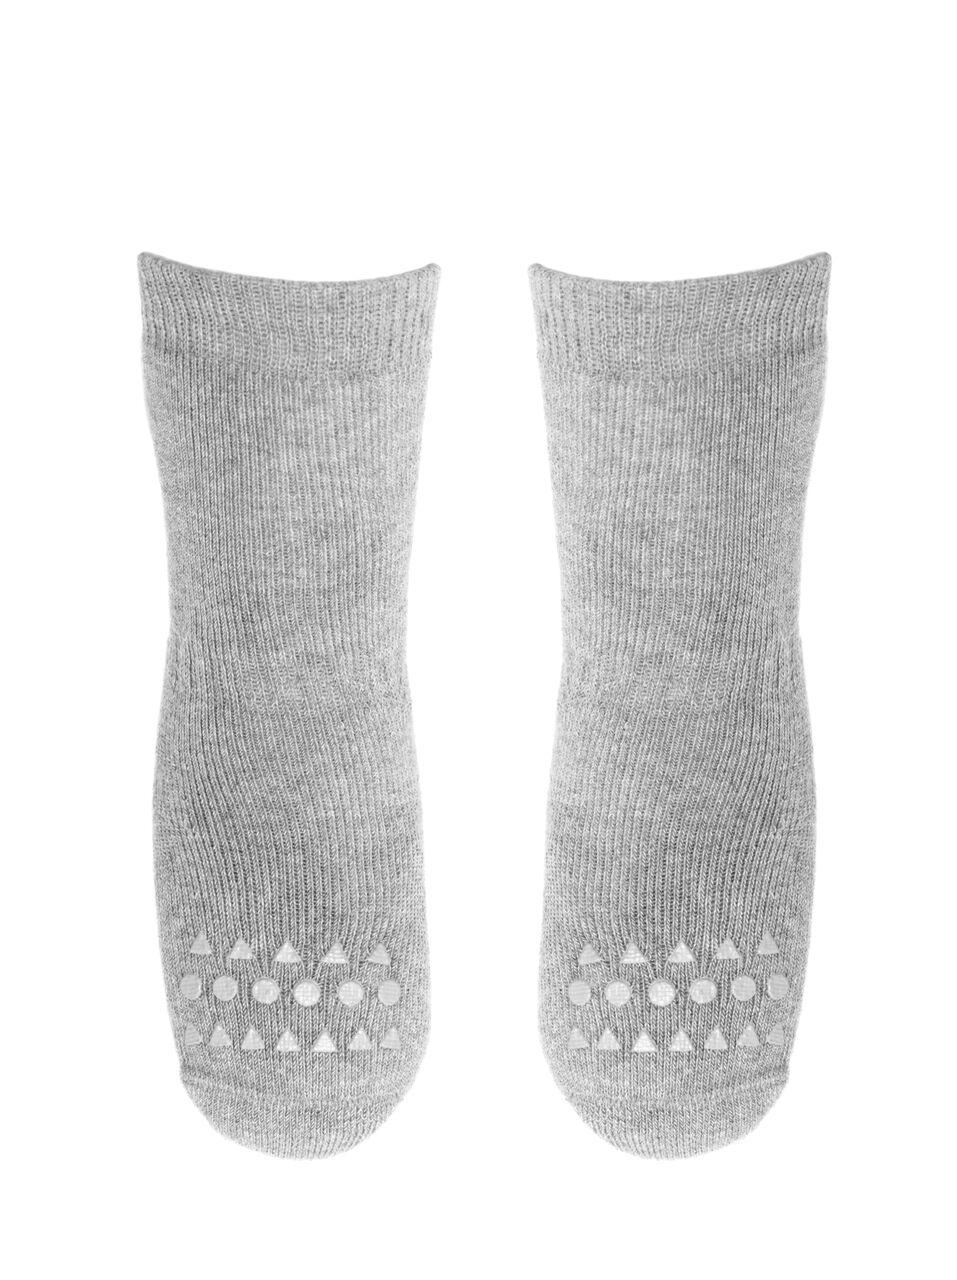 Šviesiai pilkos kojinaitės GOBABYGO 6-12 mėn. vaikams